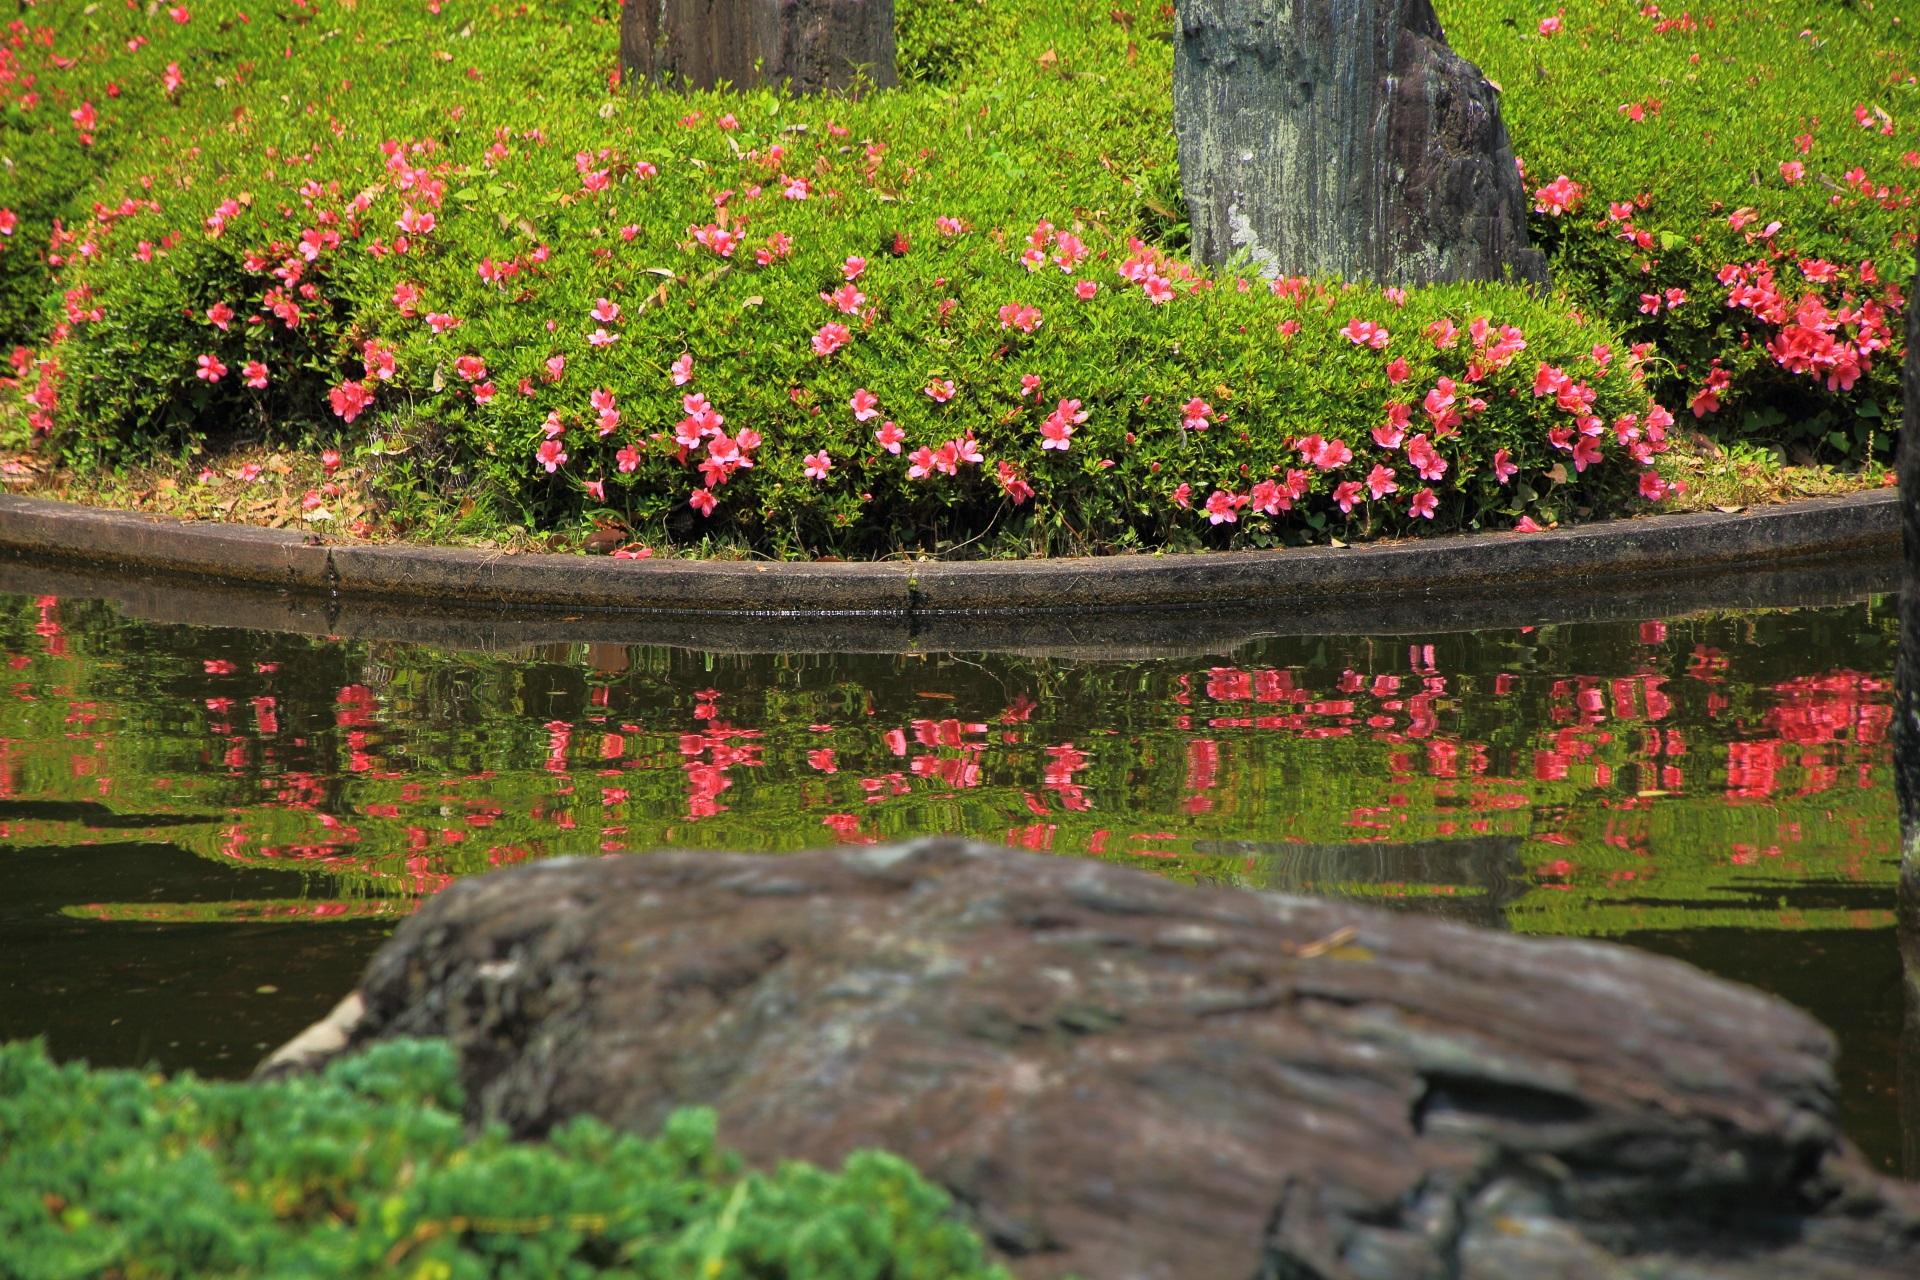 柔らかさと力強さが融合した庭園の蓬莱の庭